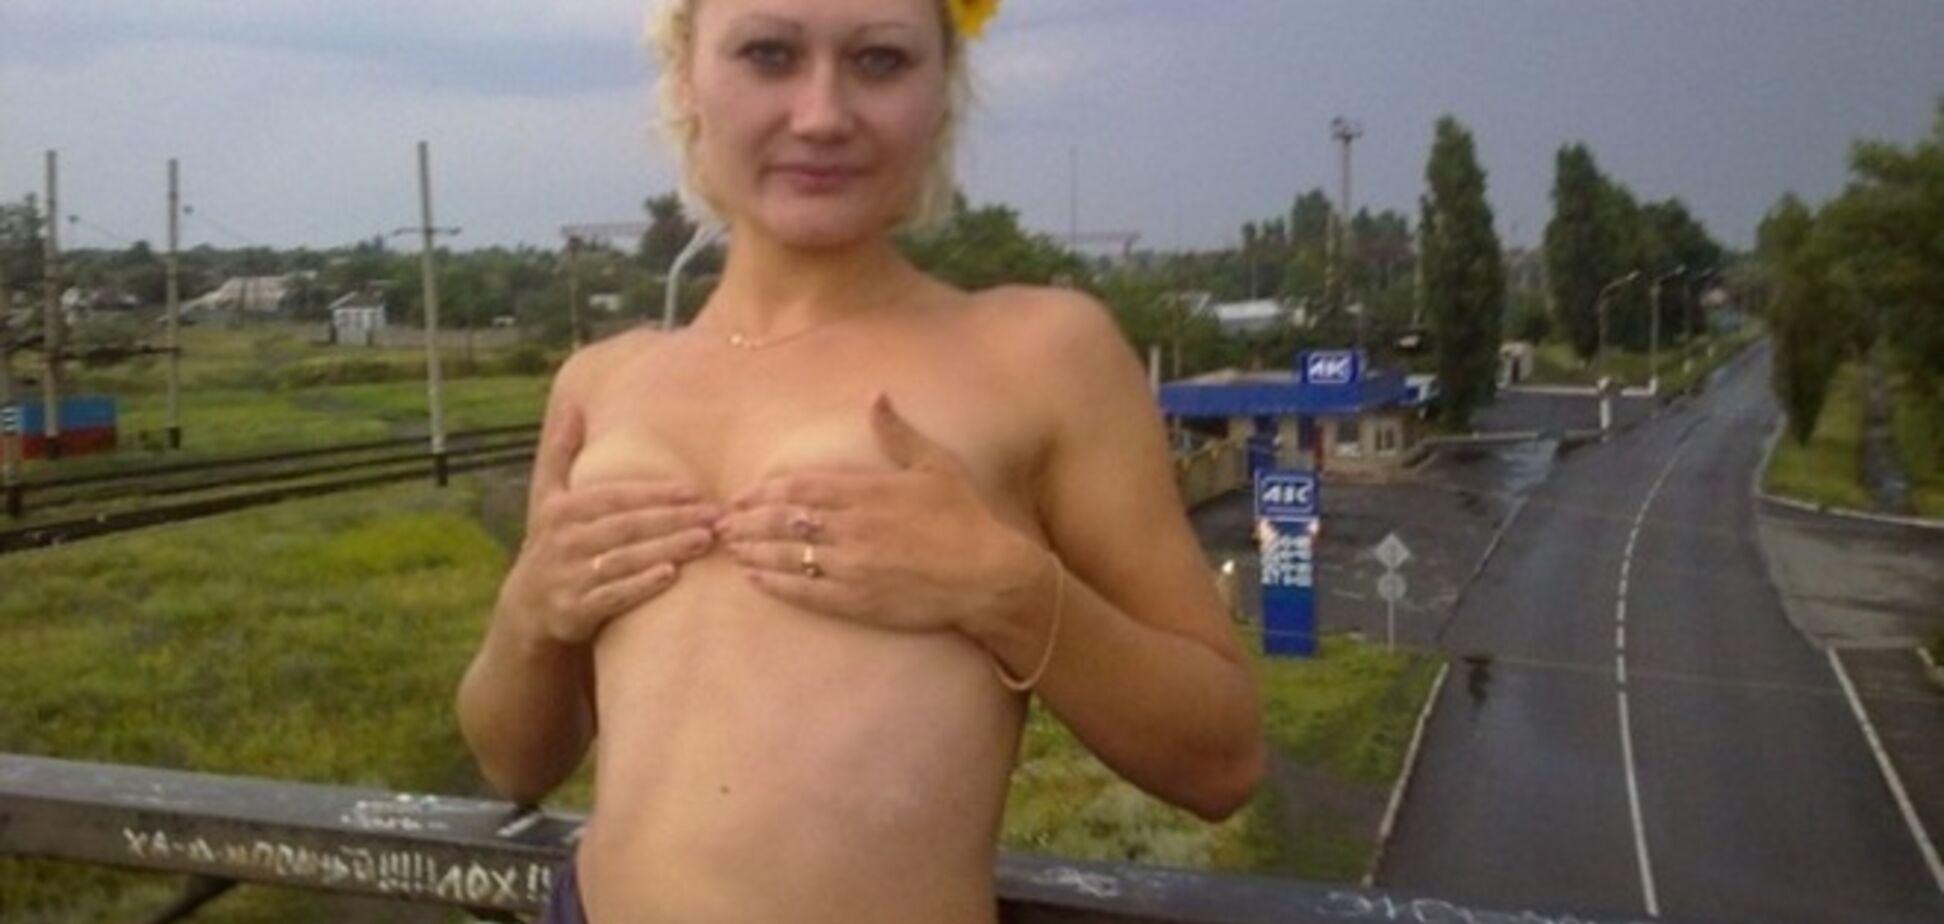 Луганские террористы не знают 'министра' Филатову, которая позировала топлесс